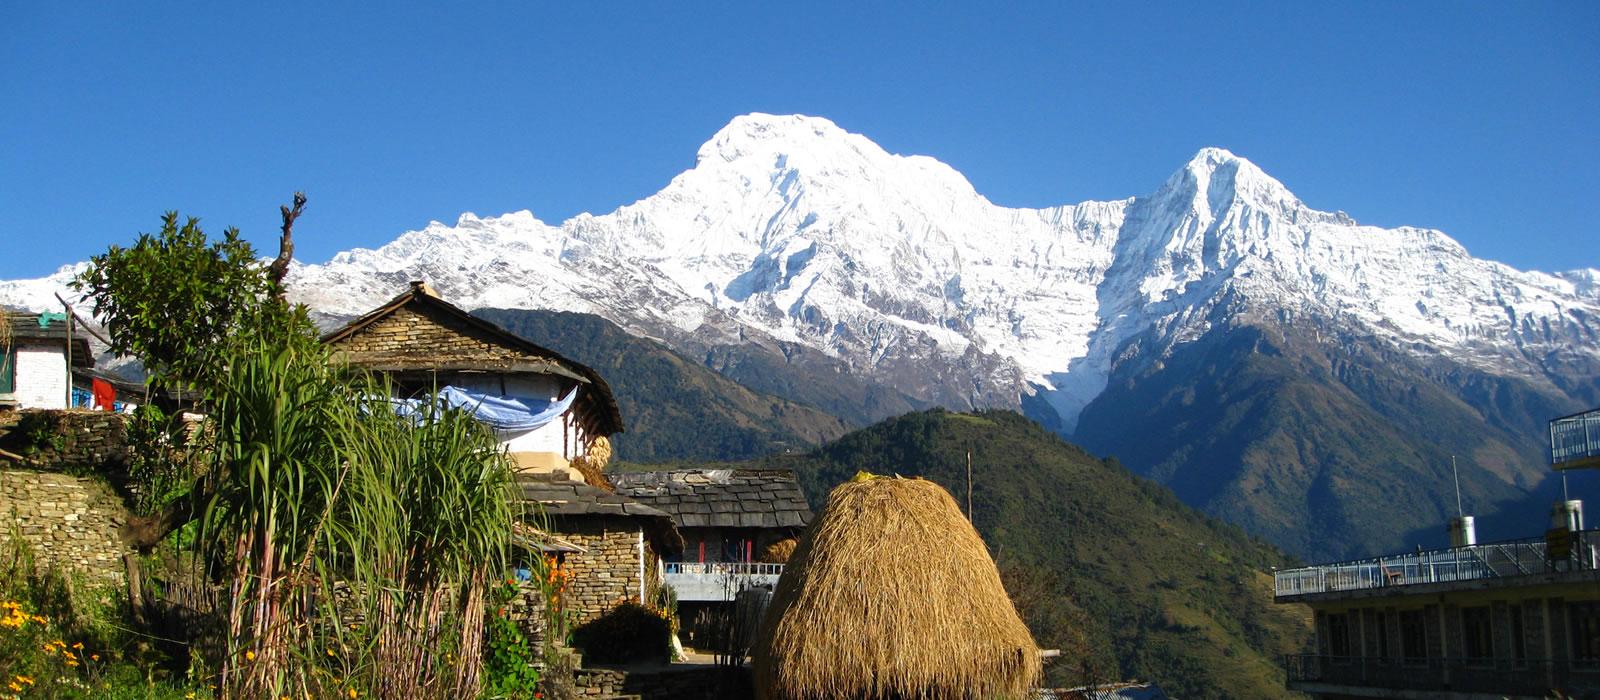 Ganesh Himal Cultural Trek